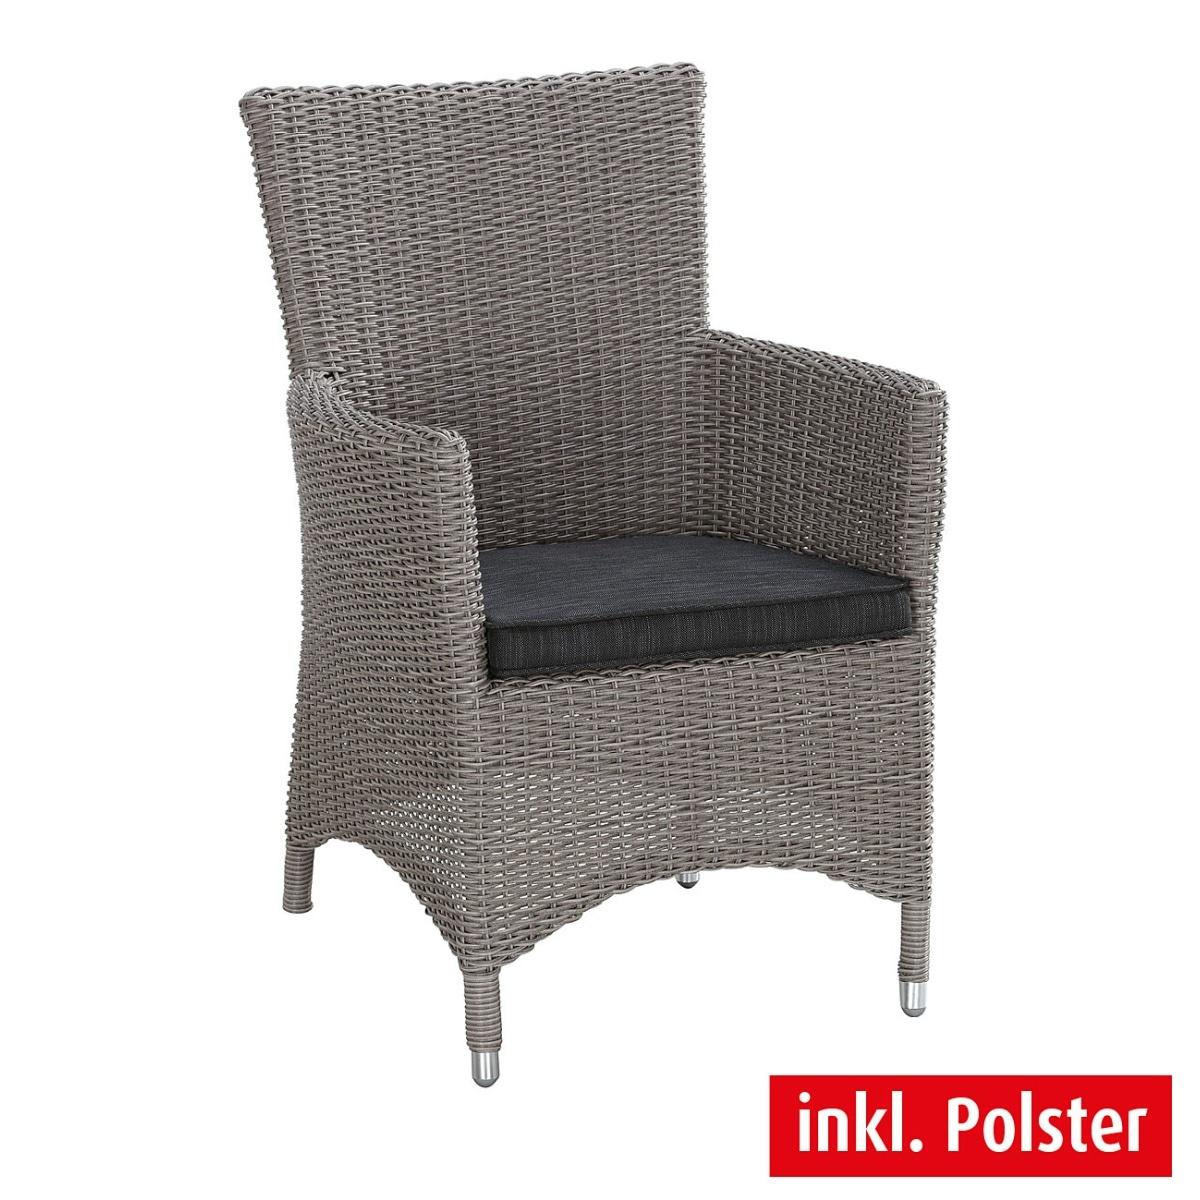 outdoor stuhl mit armlehnen und kissen smoky kunststoffgeflecht grau porta. Black Bedroom Furniture Sets. Home Design Ideas